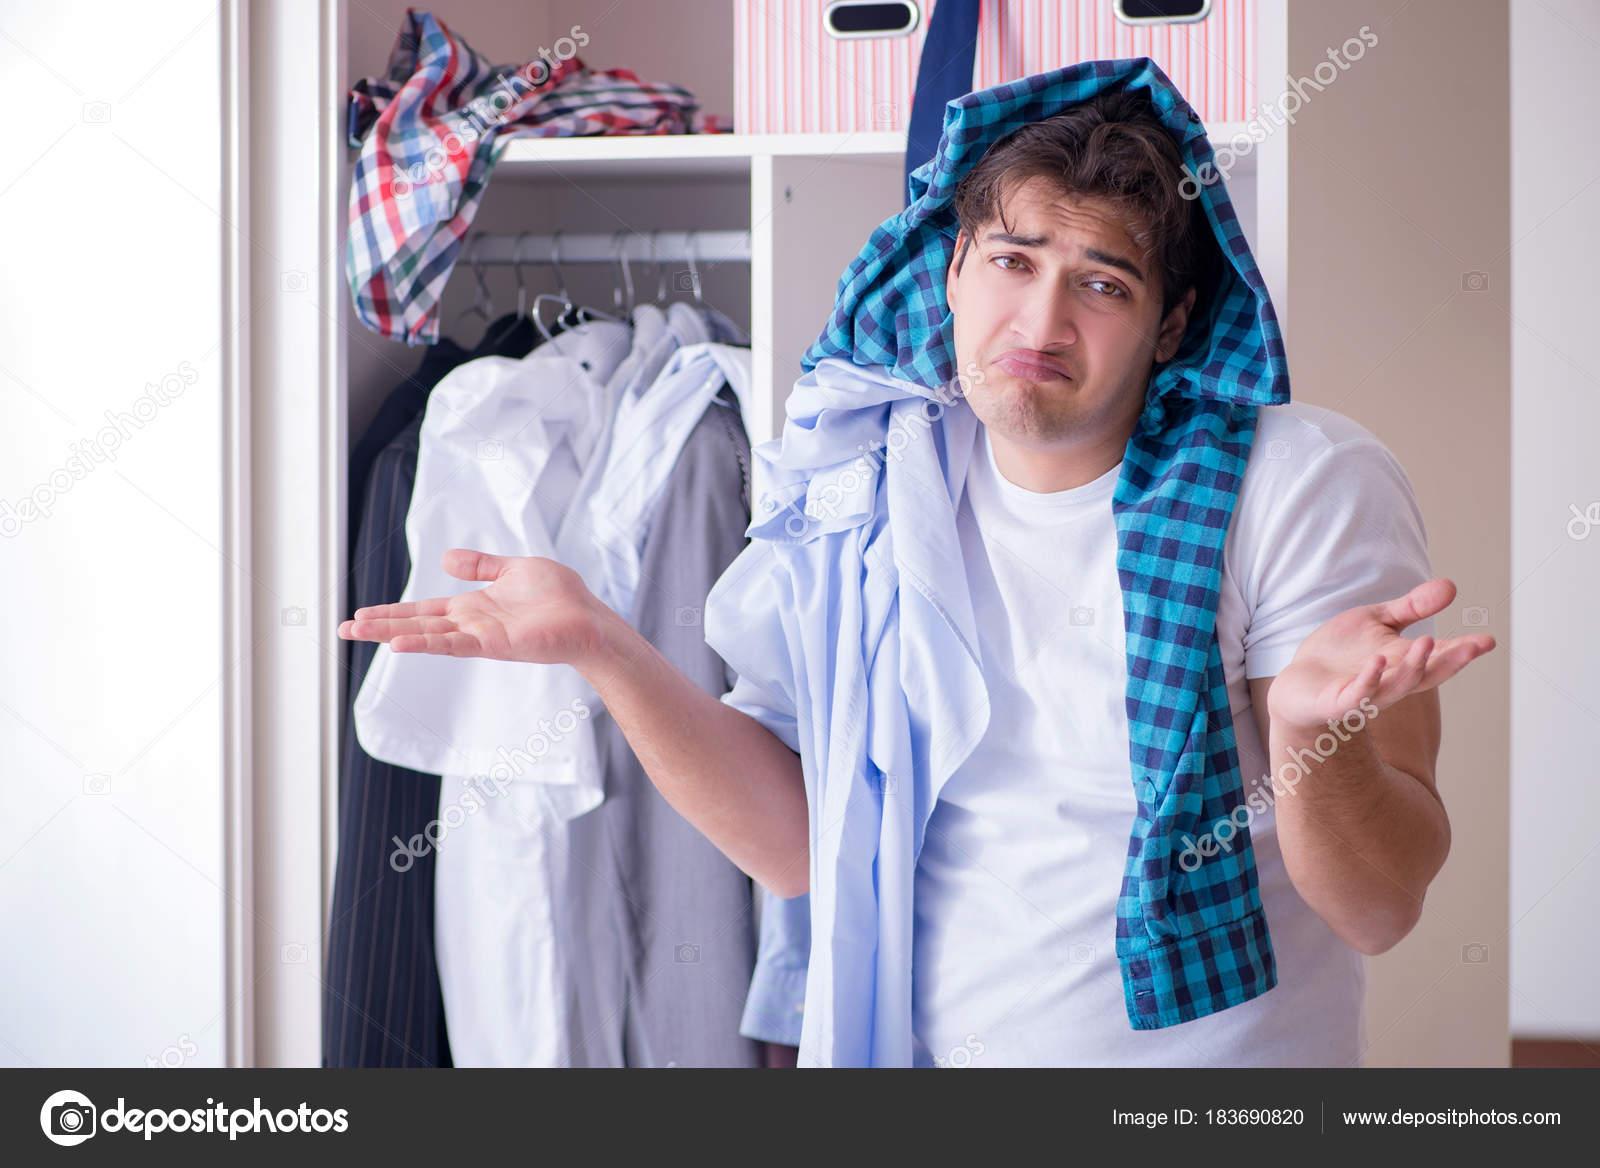 Sin ropa en las duchas un equipo de f tbol